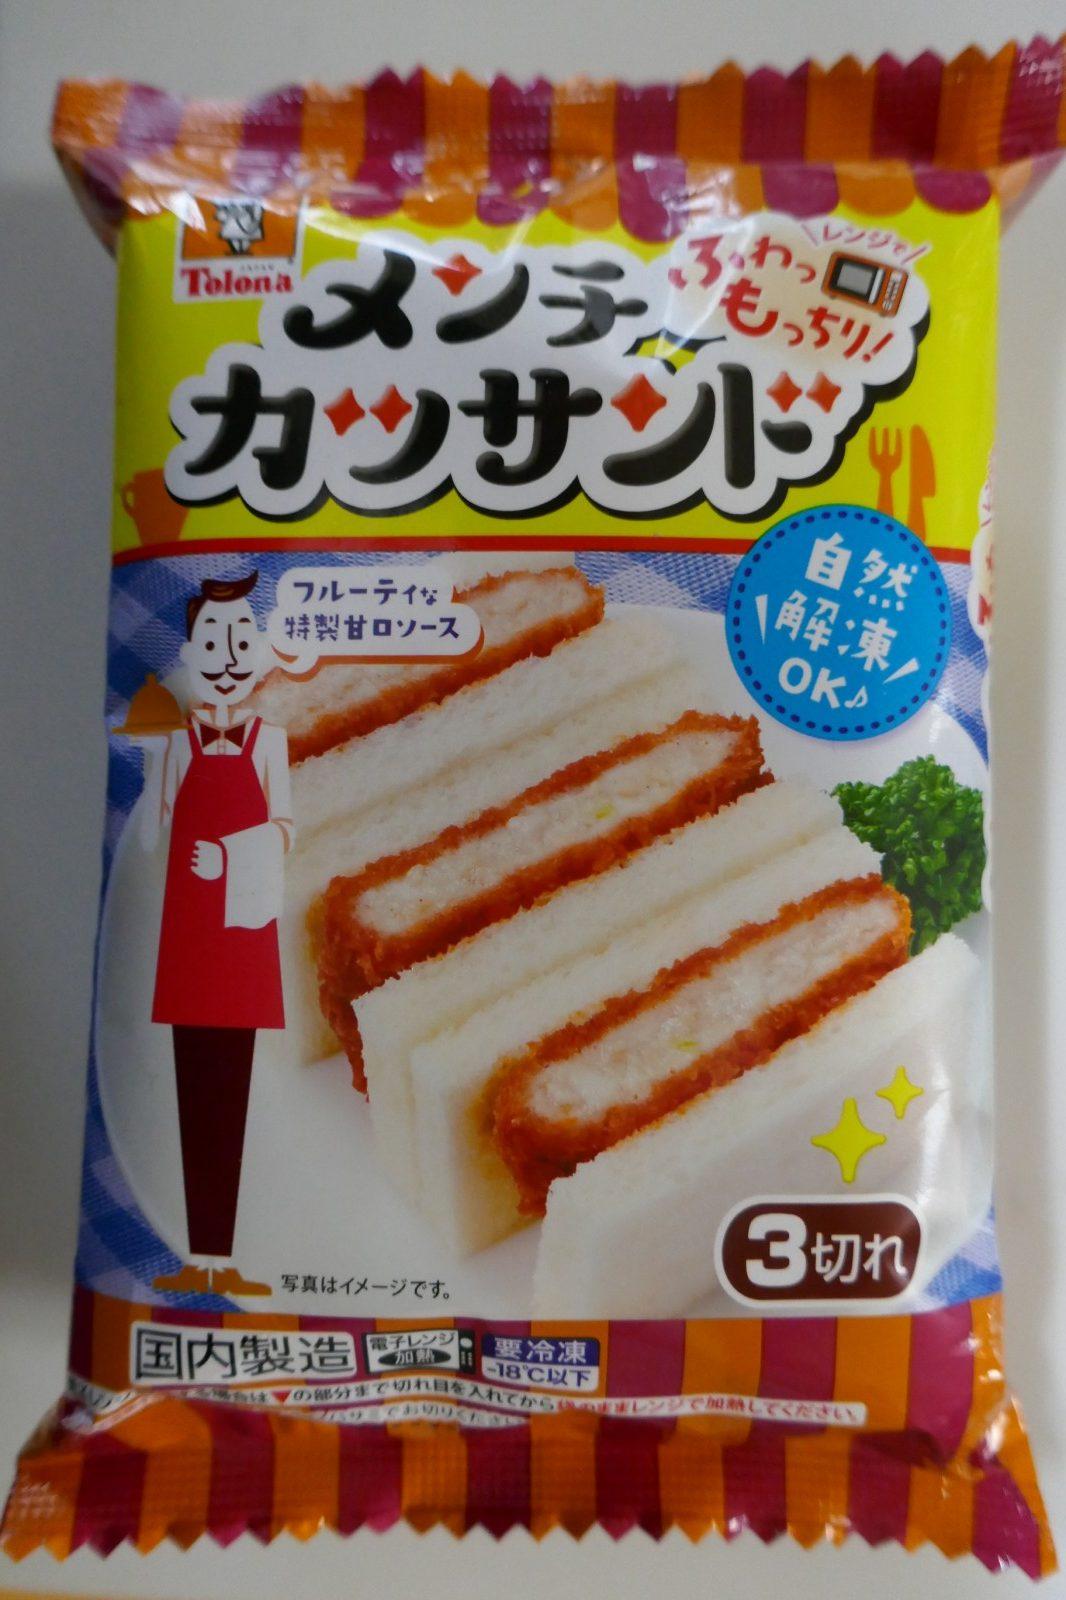 2020年春、一番びっくりした新商品「メンチカツサンド」(トロナジャパン)